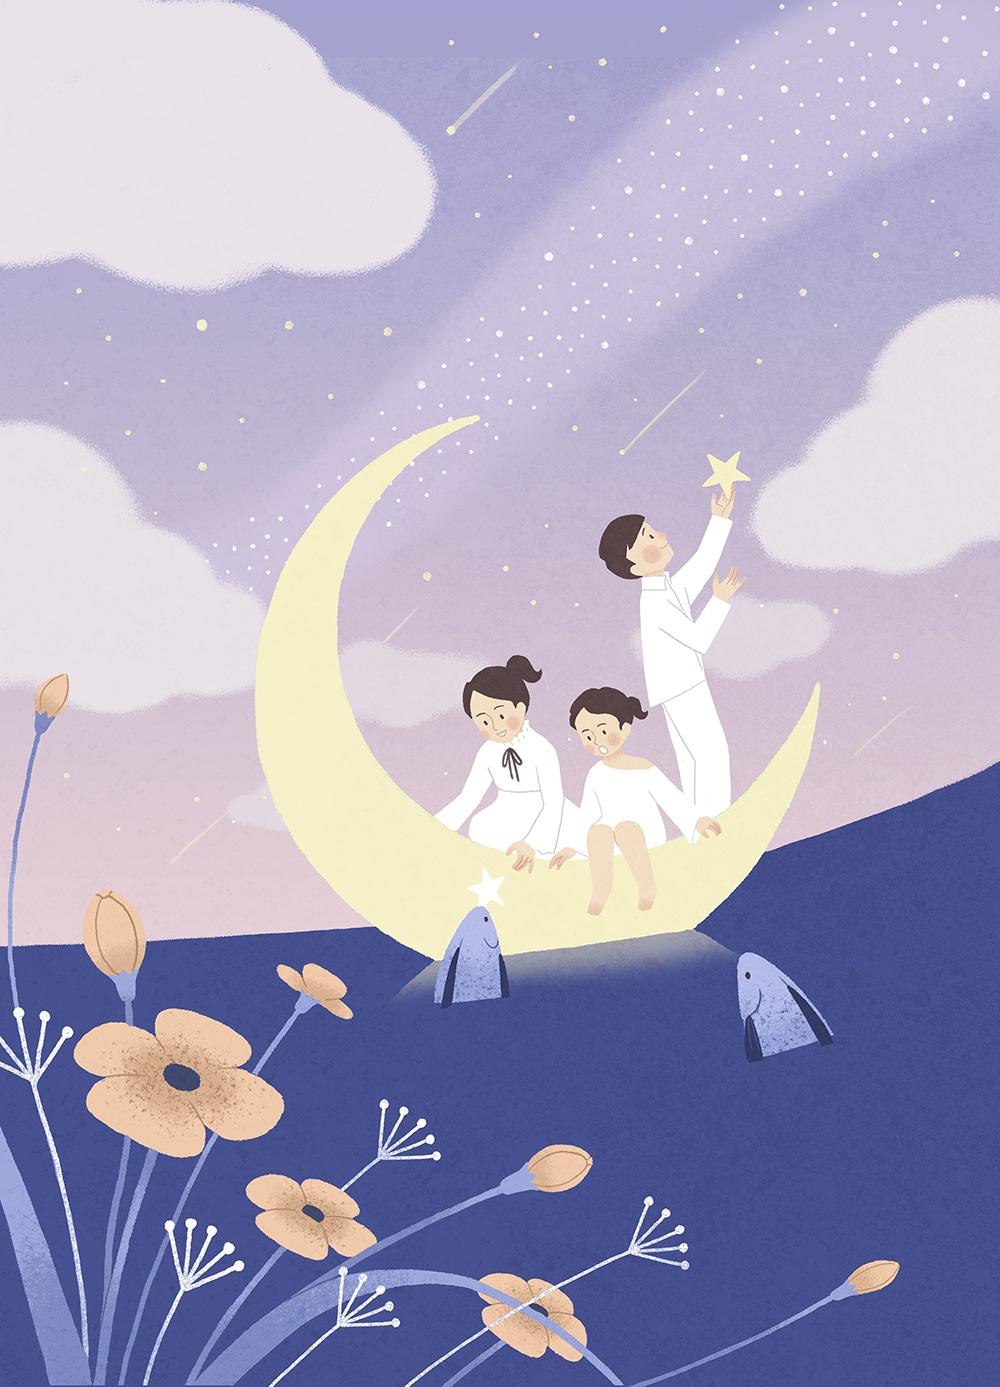 儿童梦想宇宙手绘背景插画PSD素材 插画-第7张